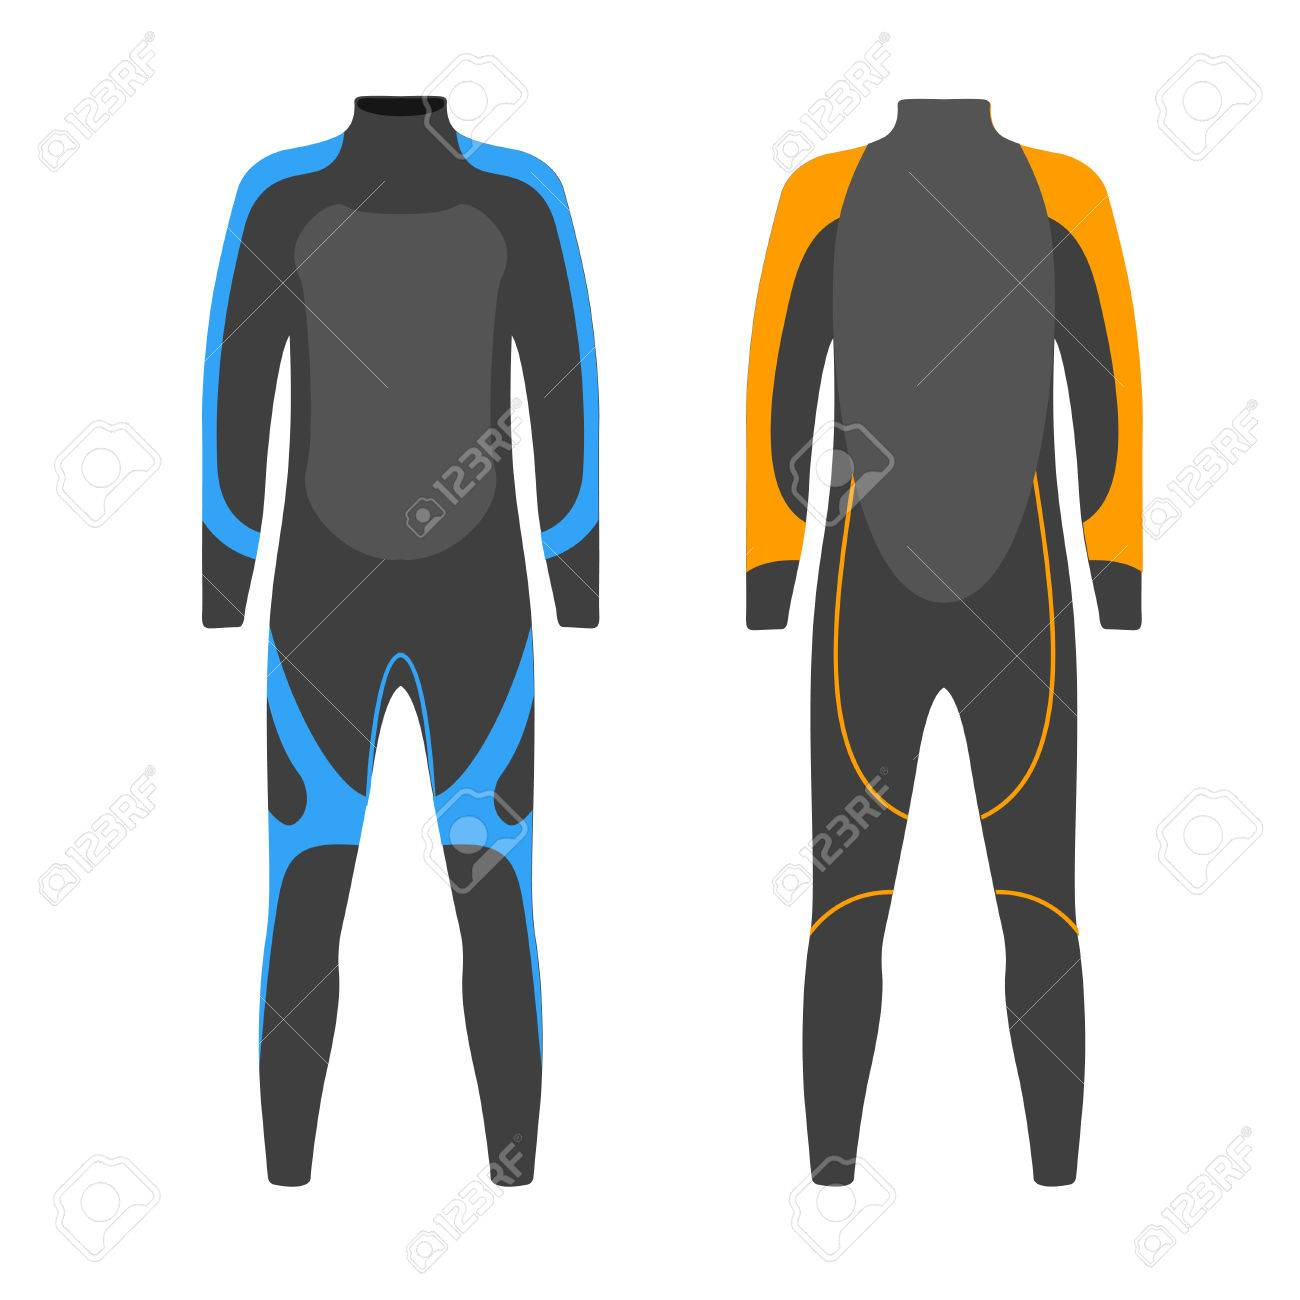 Free download clip art. Diver clipart scuba suit